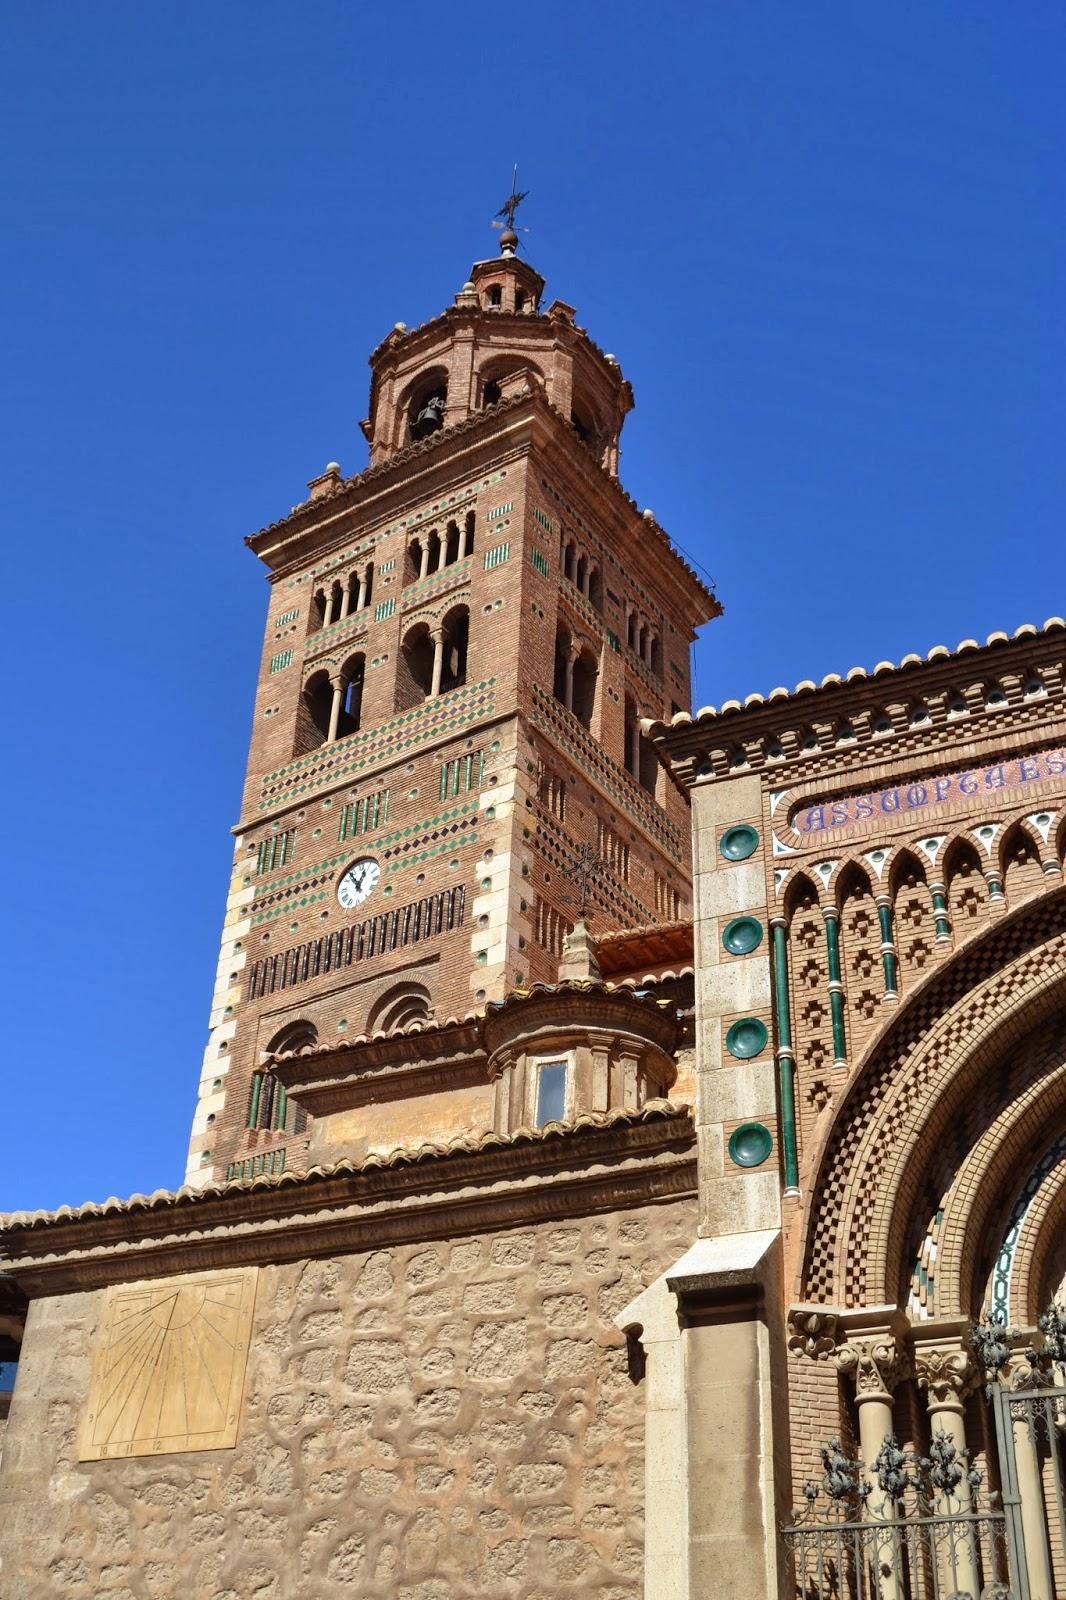 catedral de Santa María de Mediavilla, Teruel. Guía de viaje de Teruel y Rubielos de Mora. Tu Maleta.